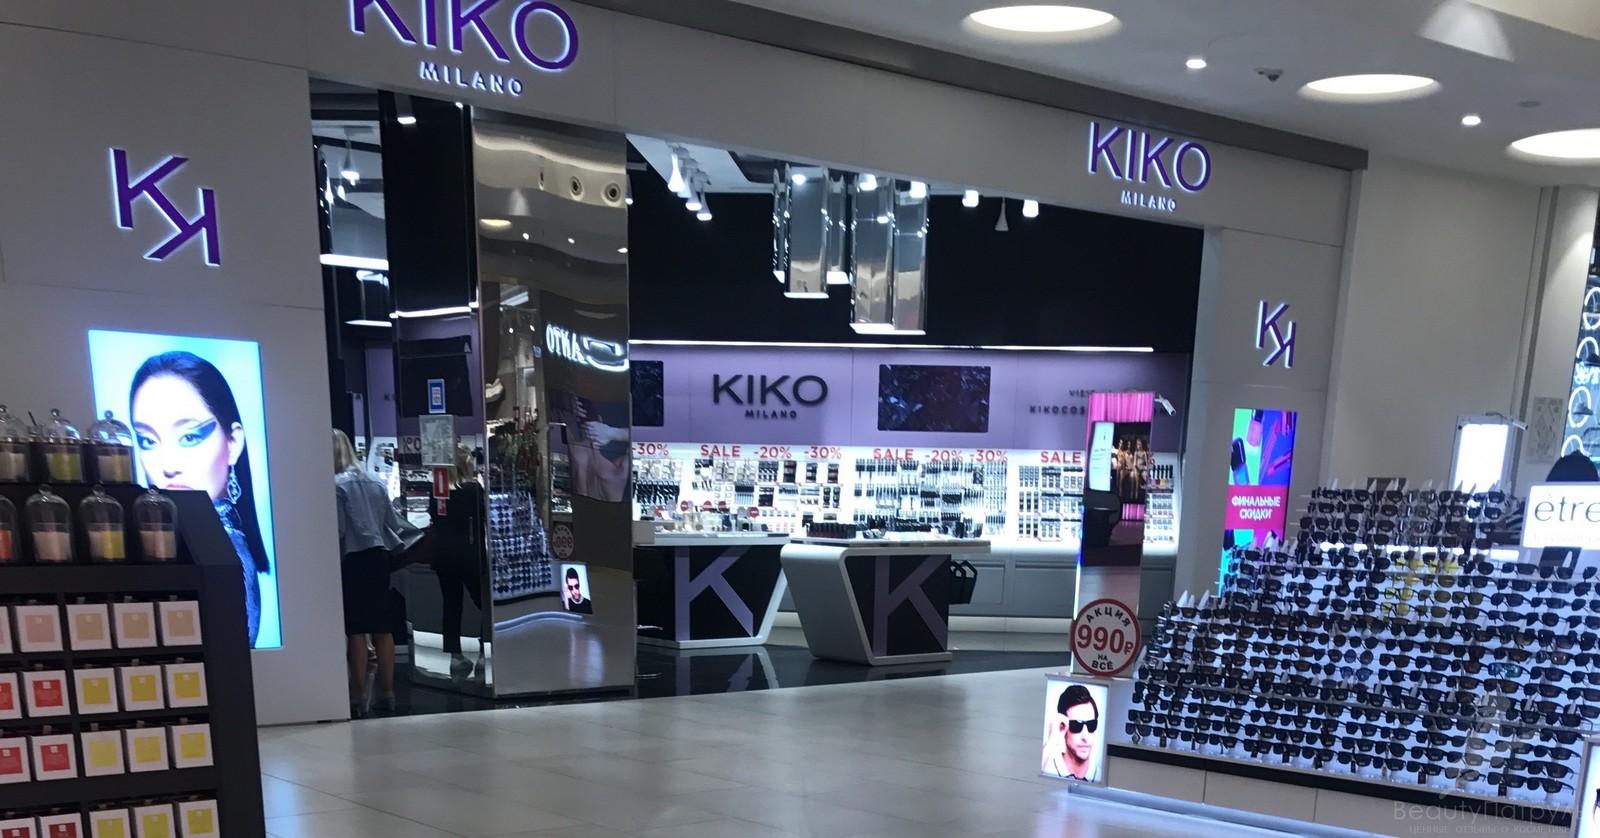 Косметика кико купить в москве в магазине косметика теана купить спб